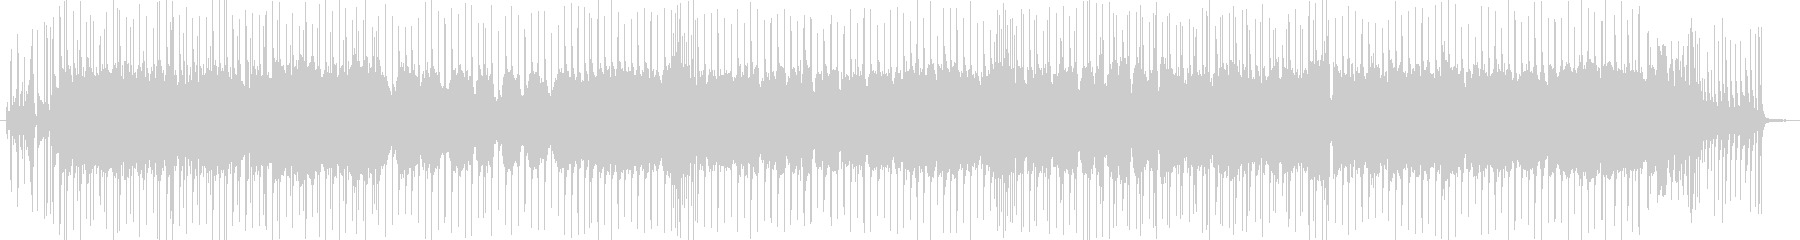 ブルースロック・ギターインストの未再生の波形